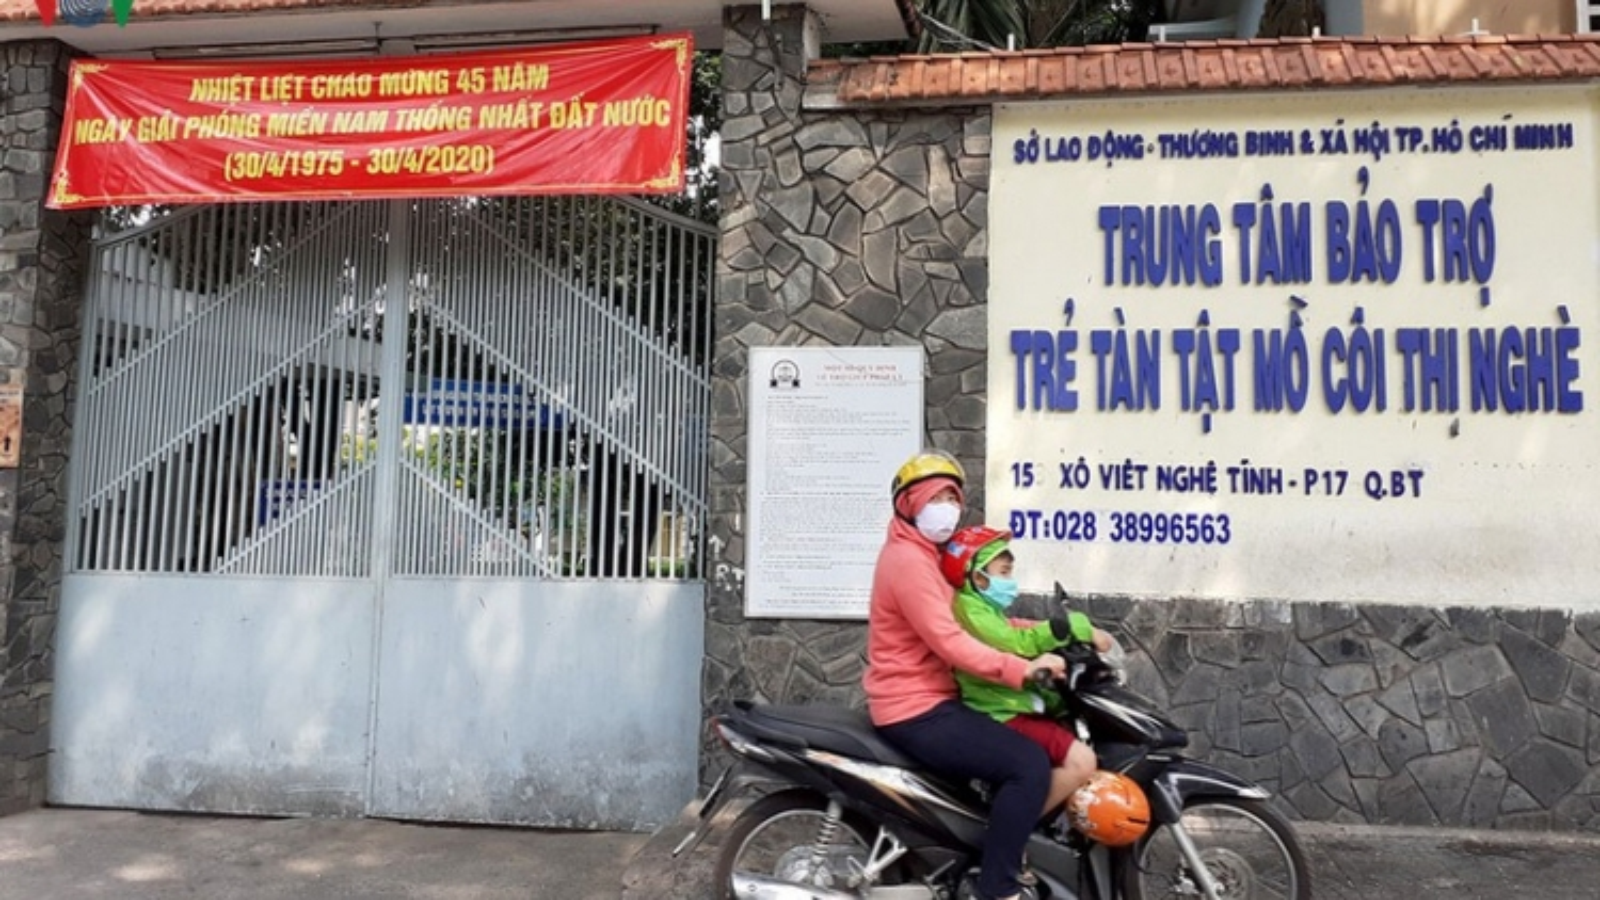 Trung tâm bảo trợ trẻ tàn tật mồ côi Thị Nghè chia nhau tiền từ thiện